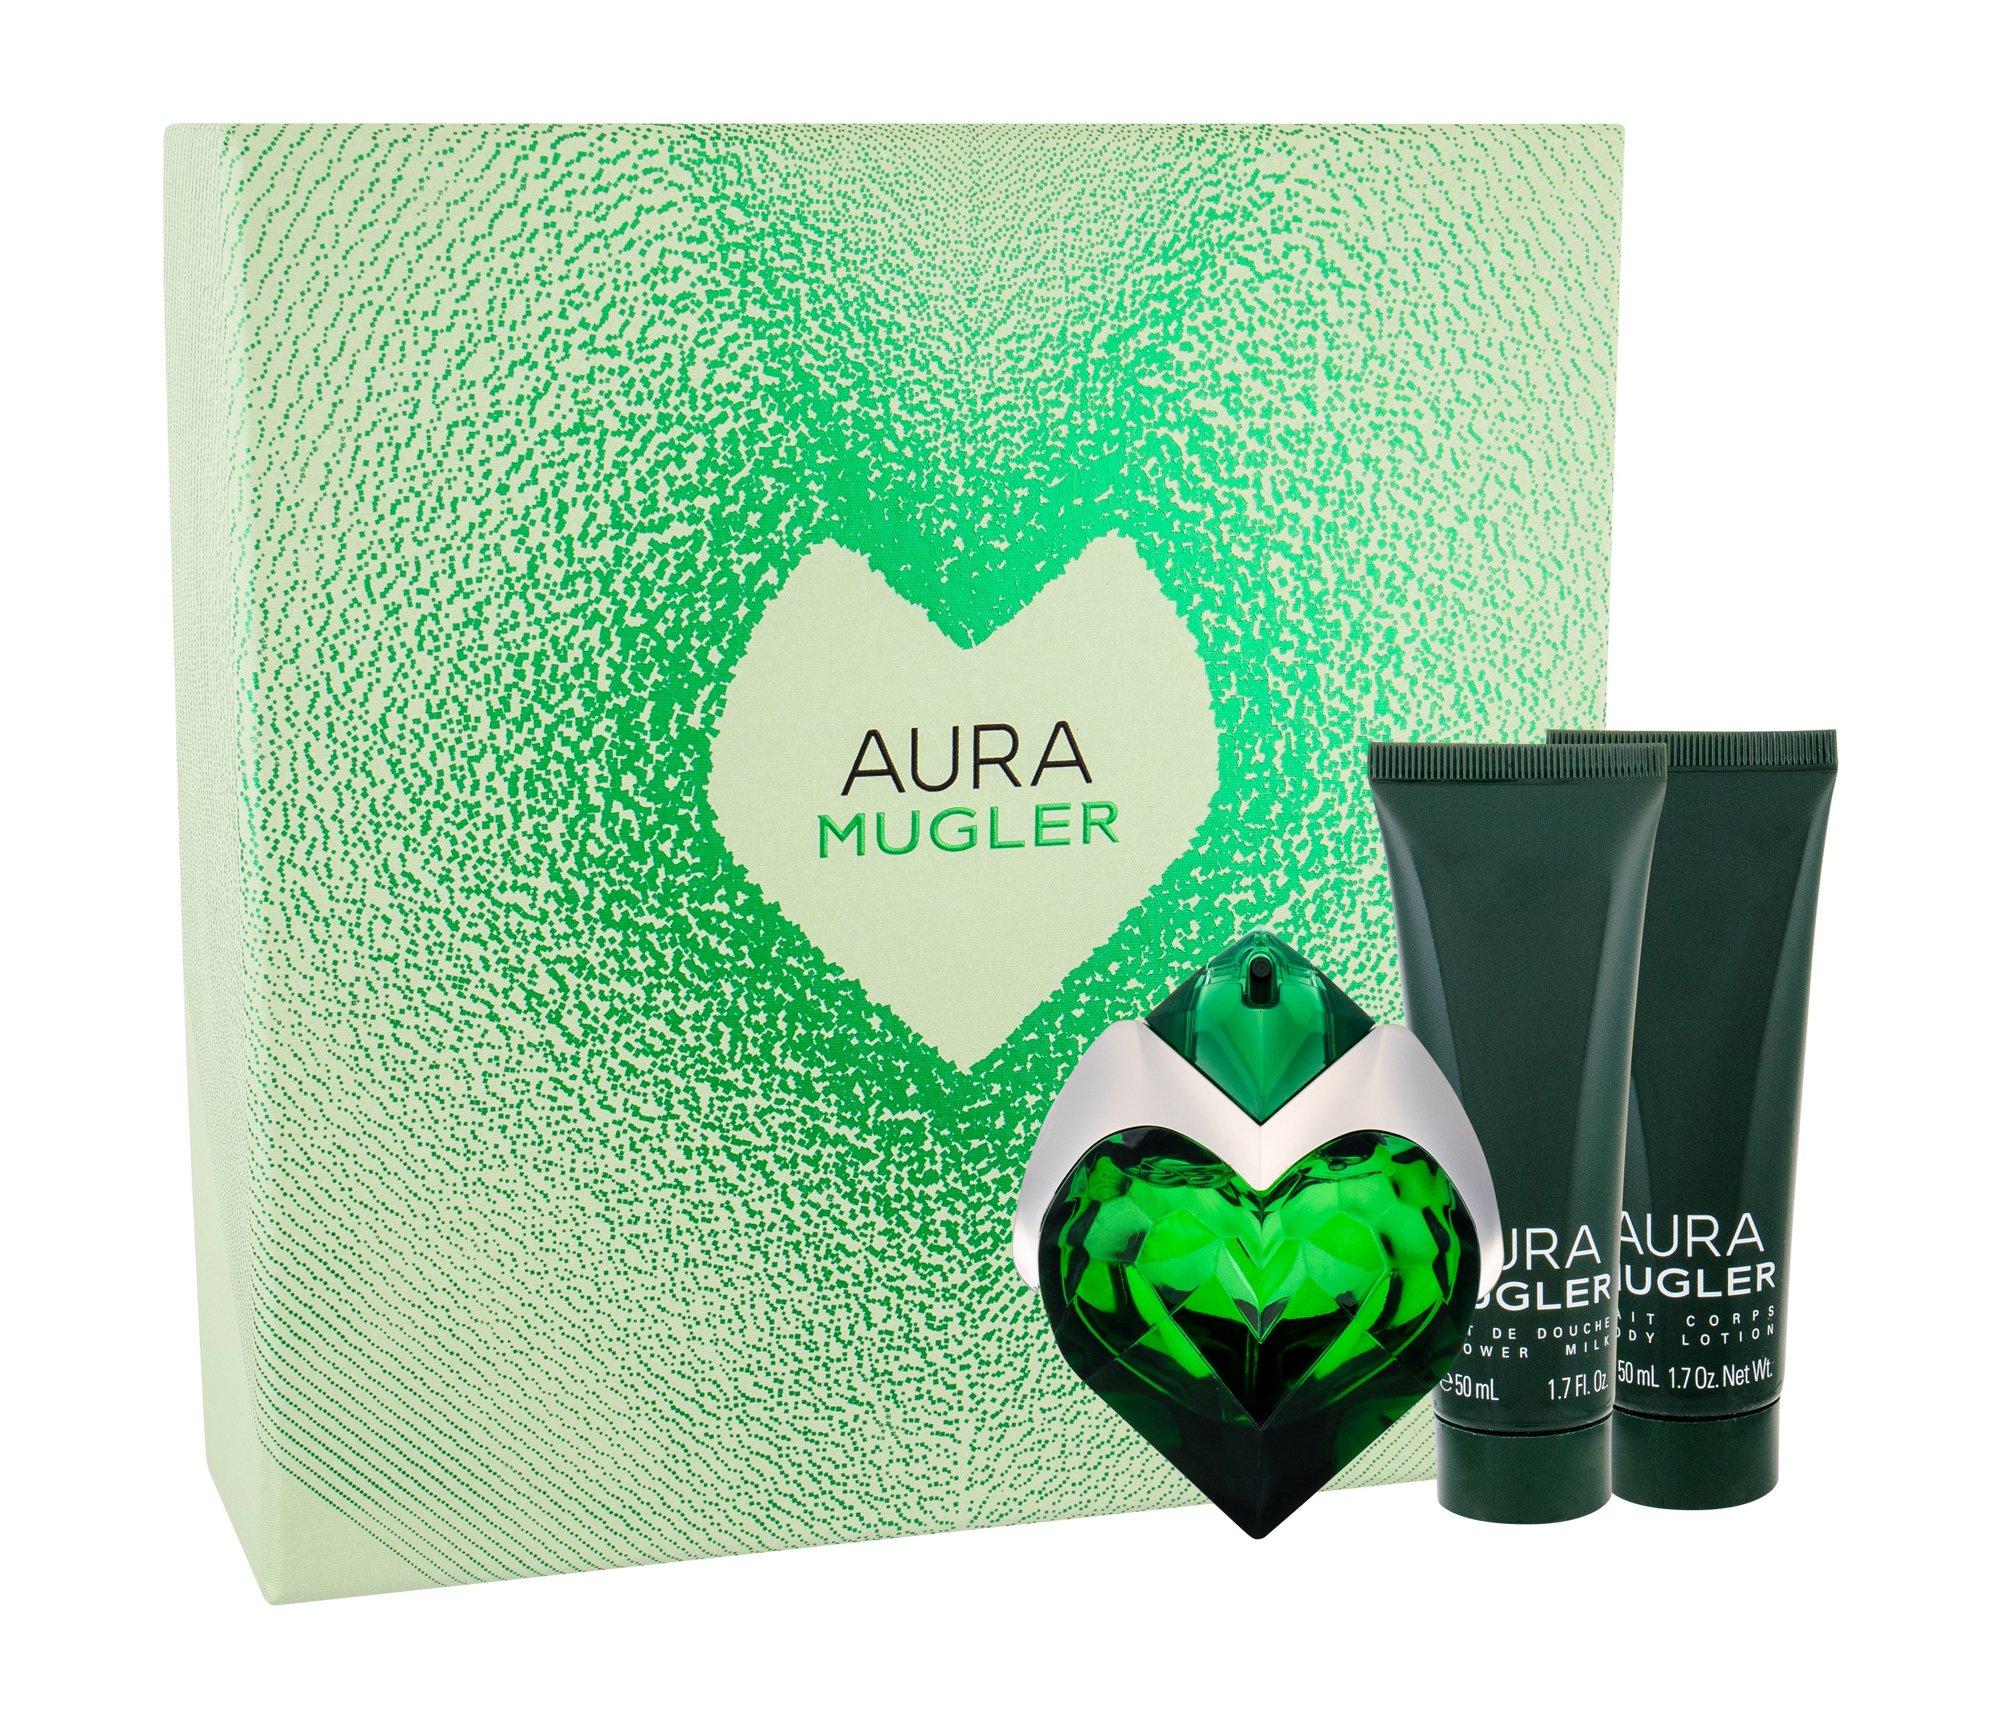 Thierry Mugler Aura Eau de Parfum 30ml